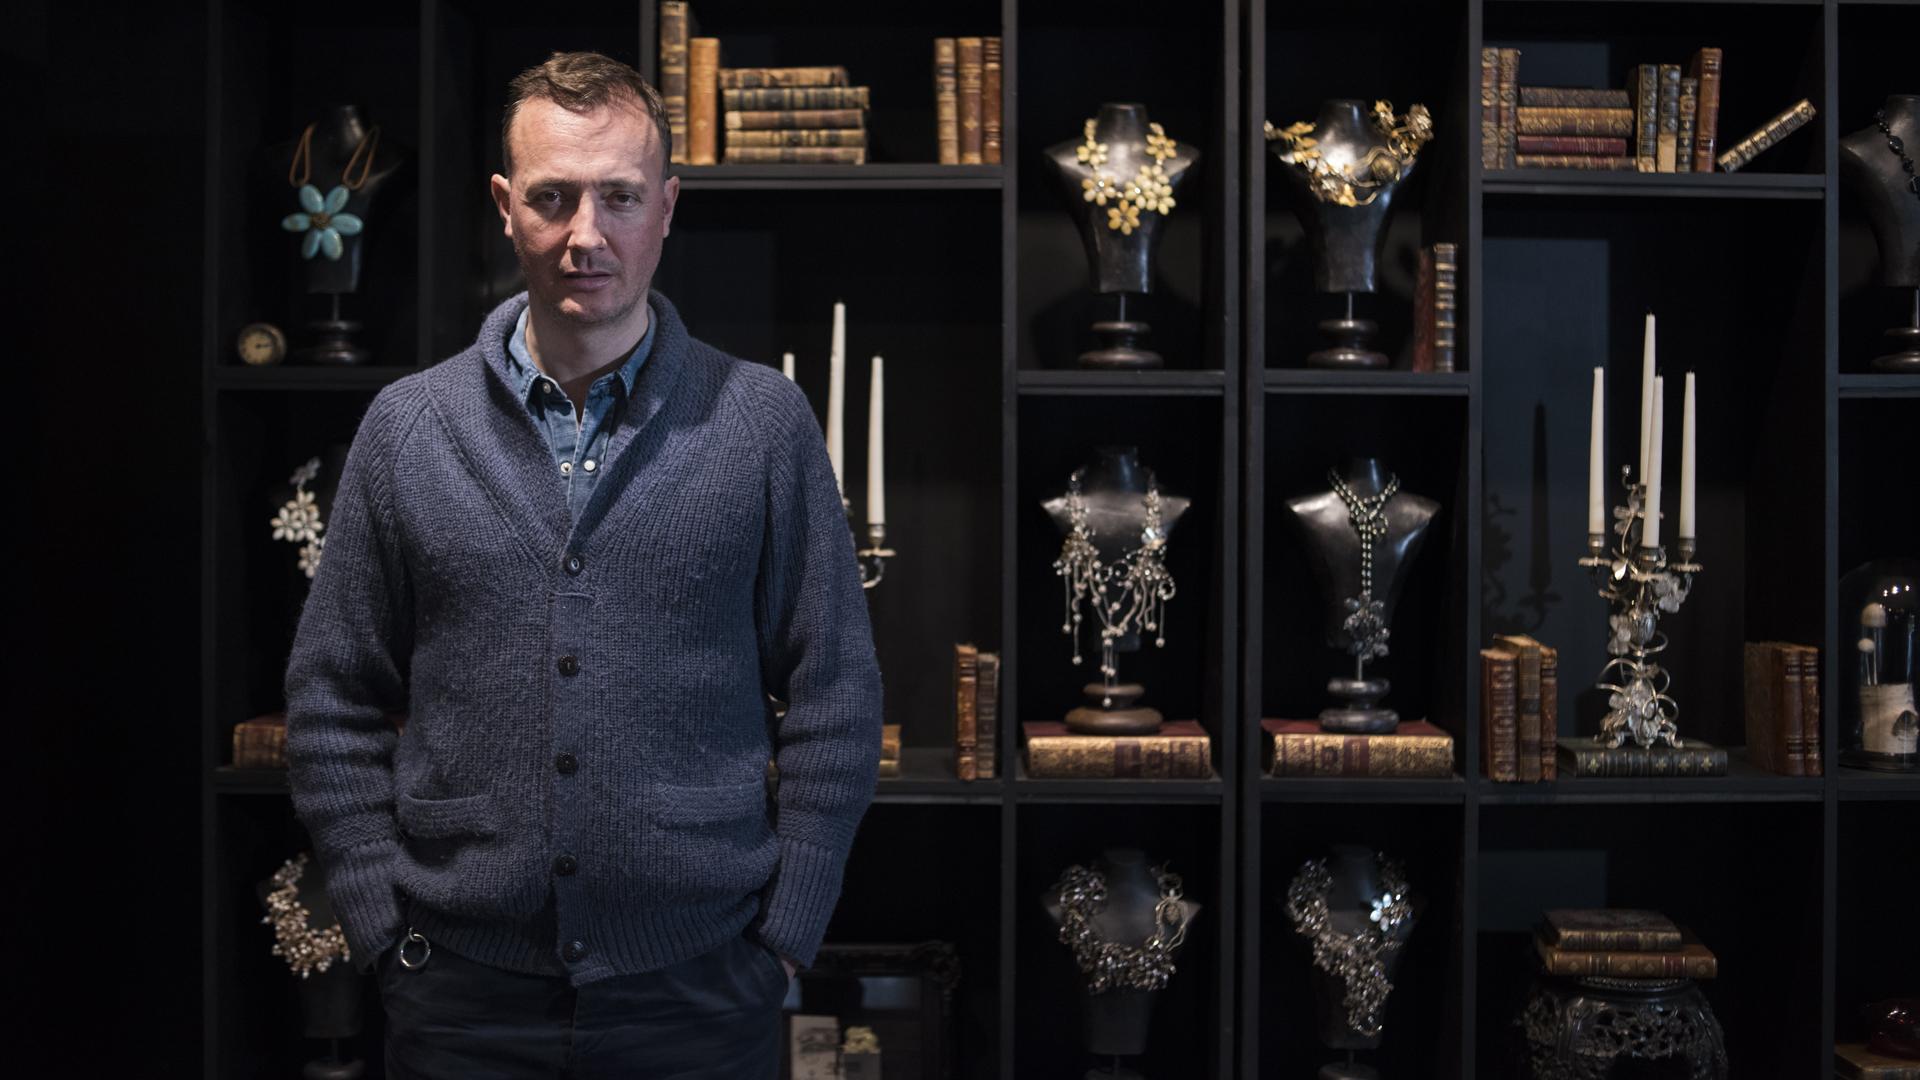 Celedonio Lahidoy, un arquitecto de la joyería (Adrián Escandar)